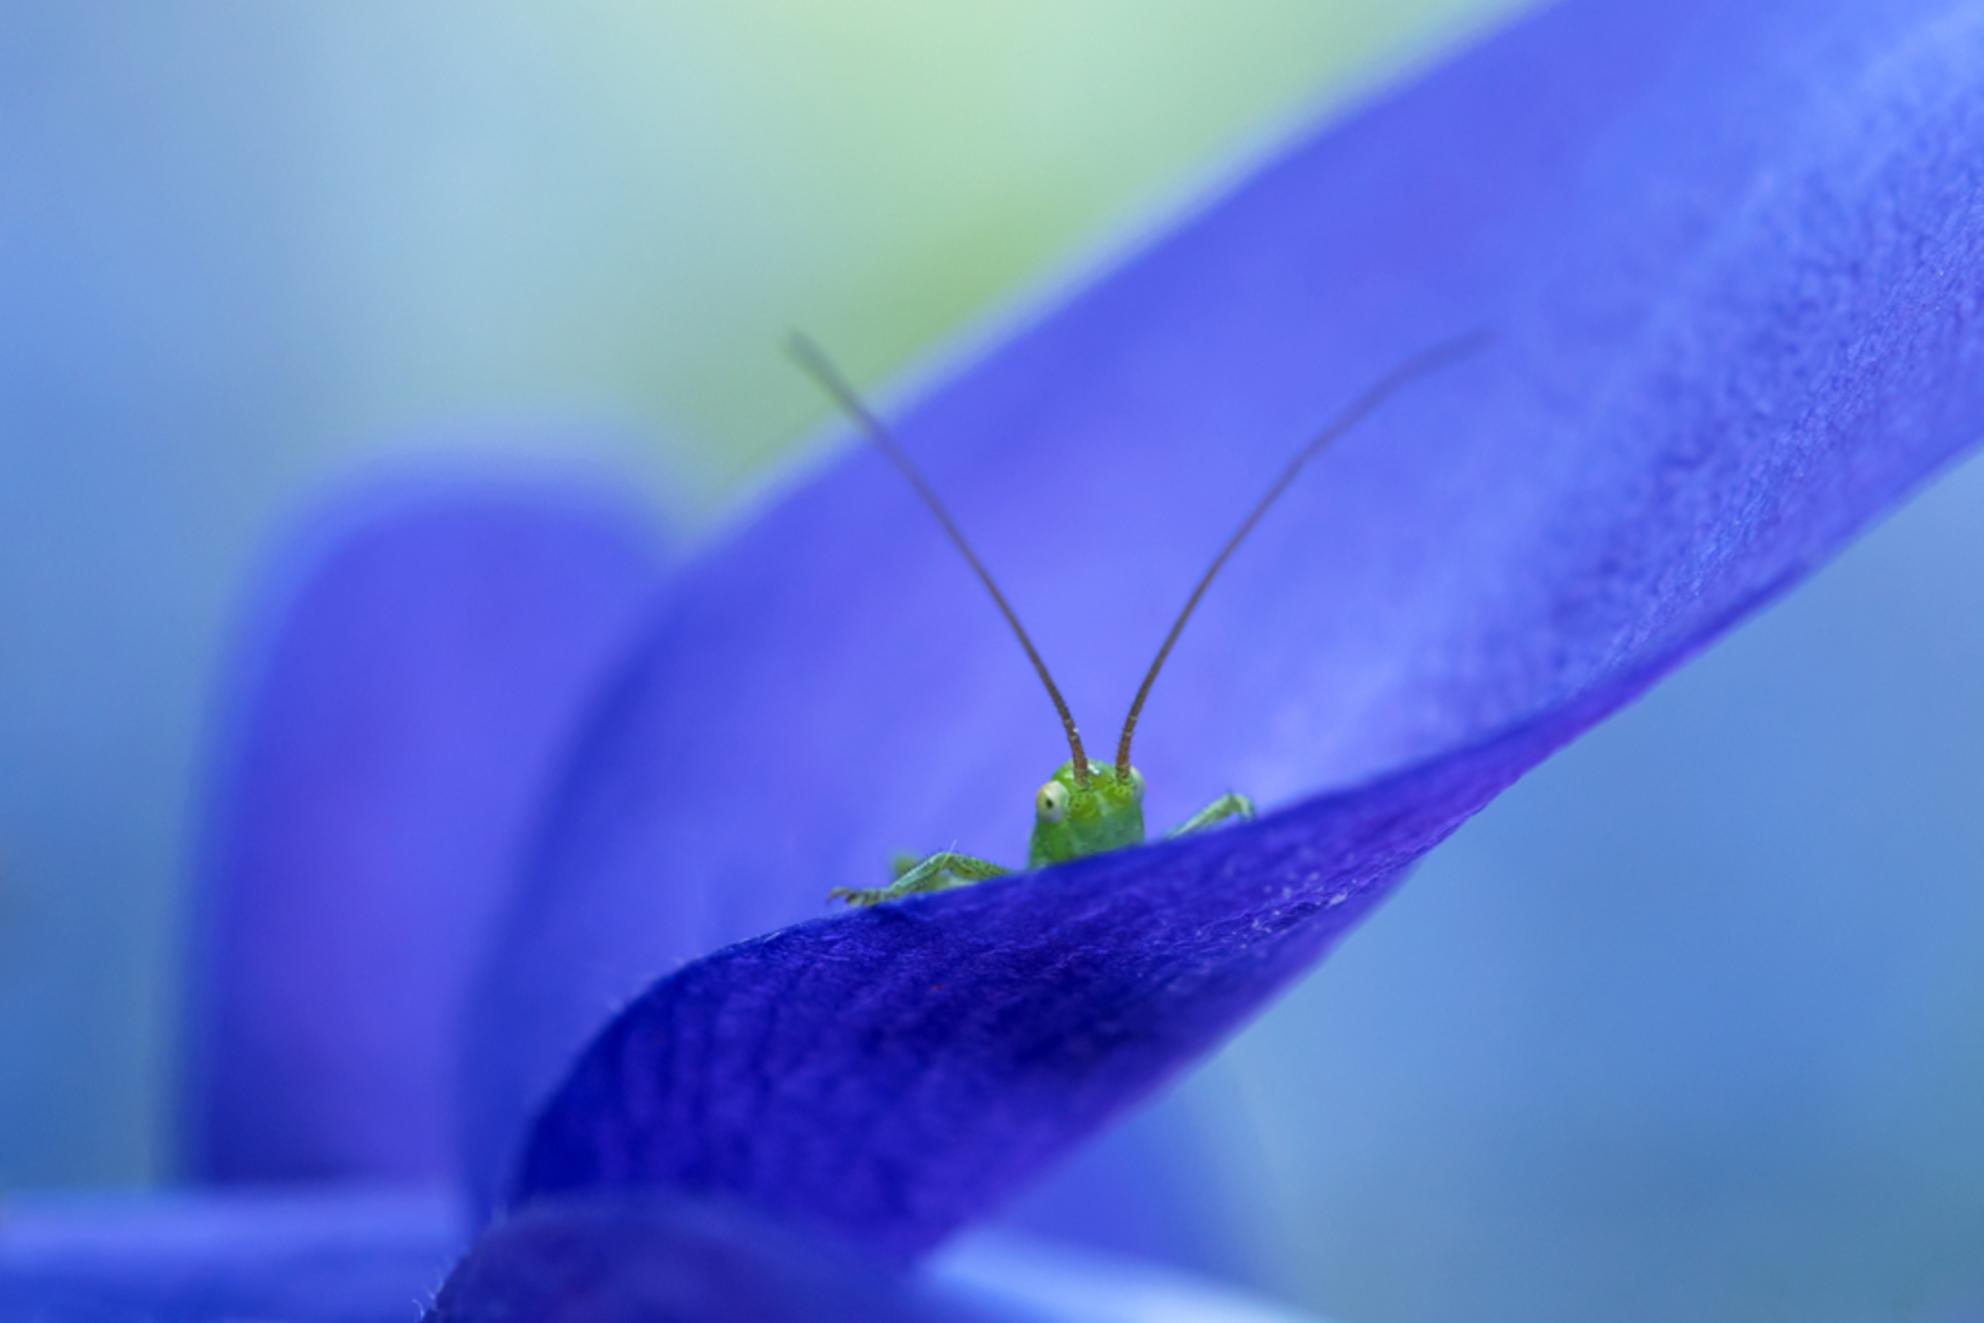 op de uitkijk - In de tuin springen veel sprinkhaantjes rond, ze zijn nog piepklein en eten alle bloemen op, maar dat vind ik niet erg want ze zijn wel erg leuk en f - foto door JeanneW op 24-05-2017 - deze foto bevat: macro, natuur, sprinkhaan